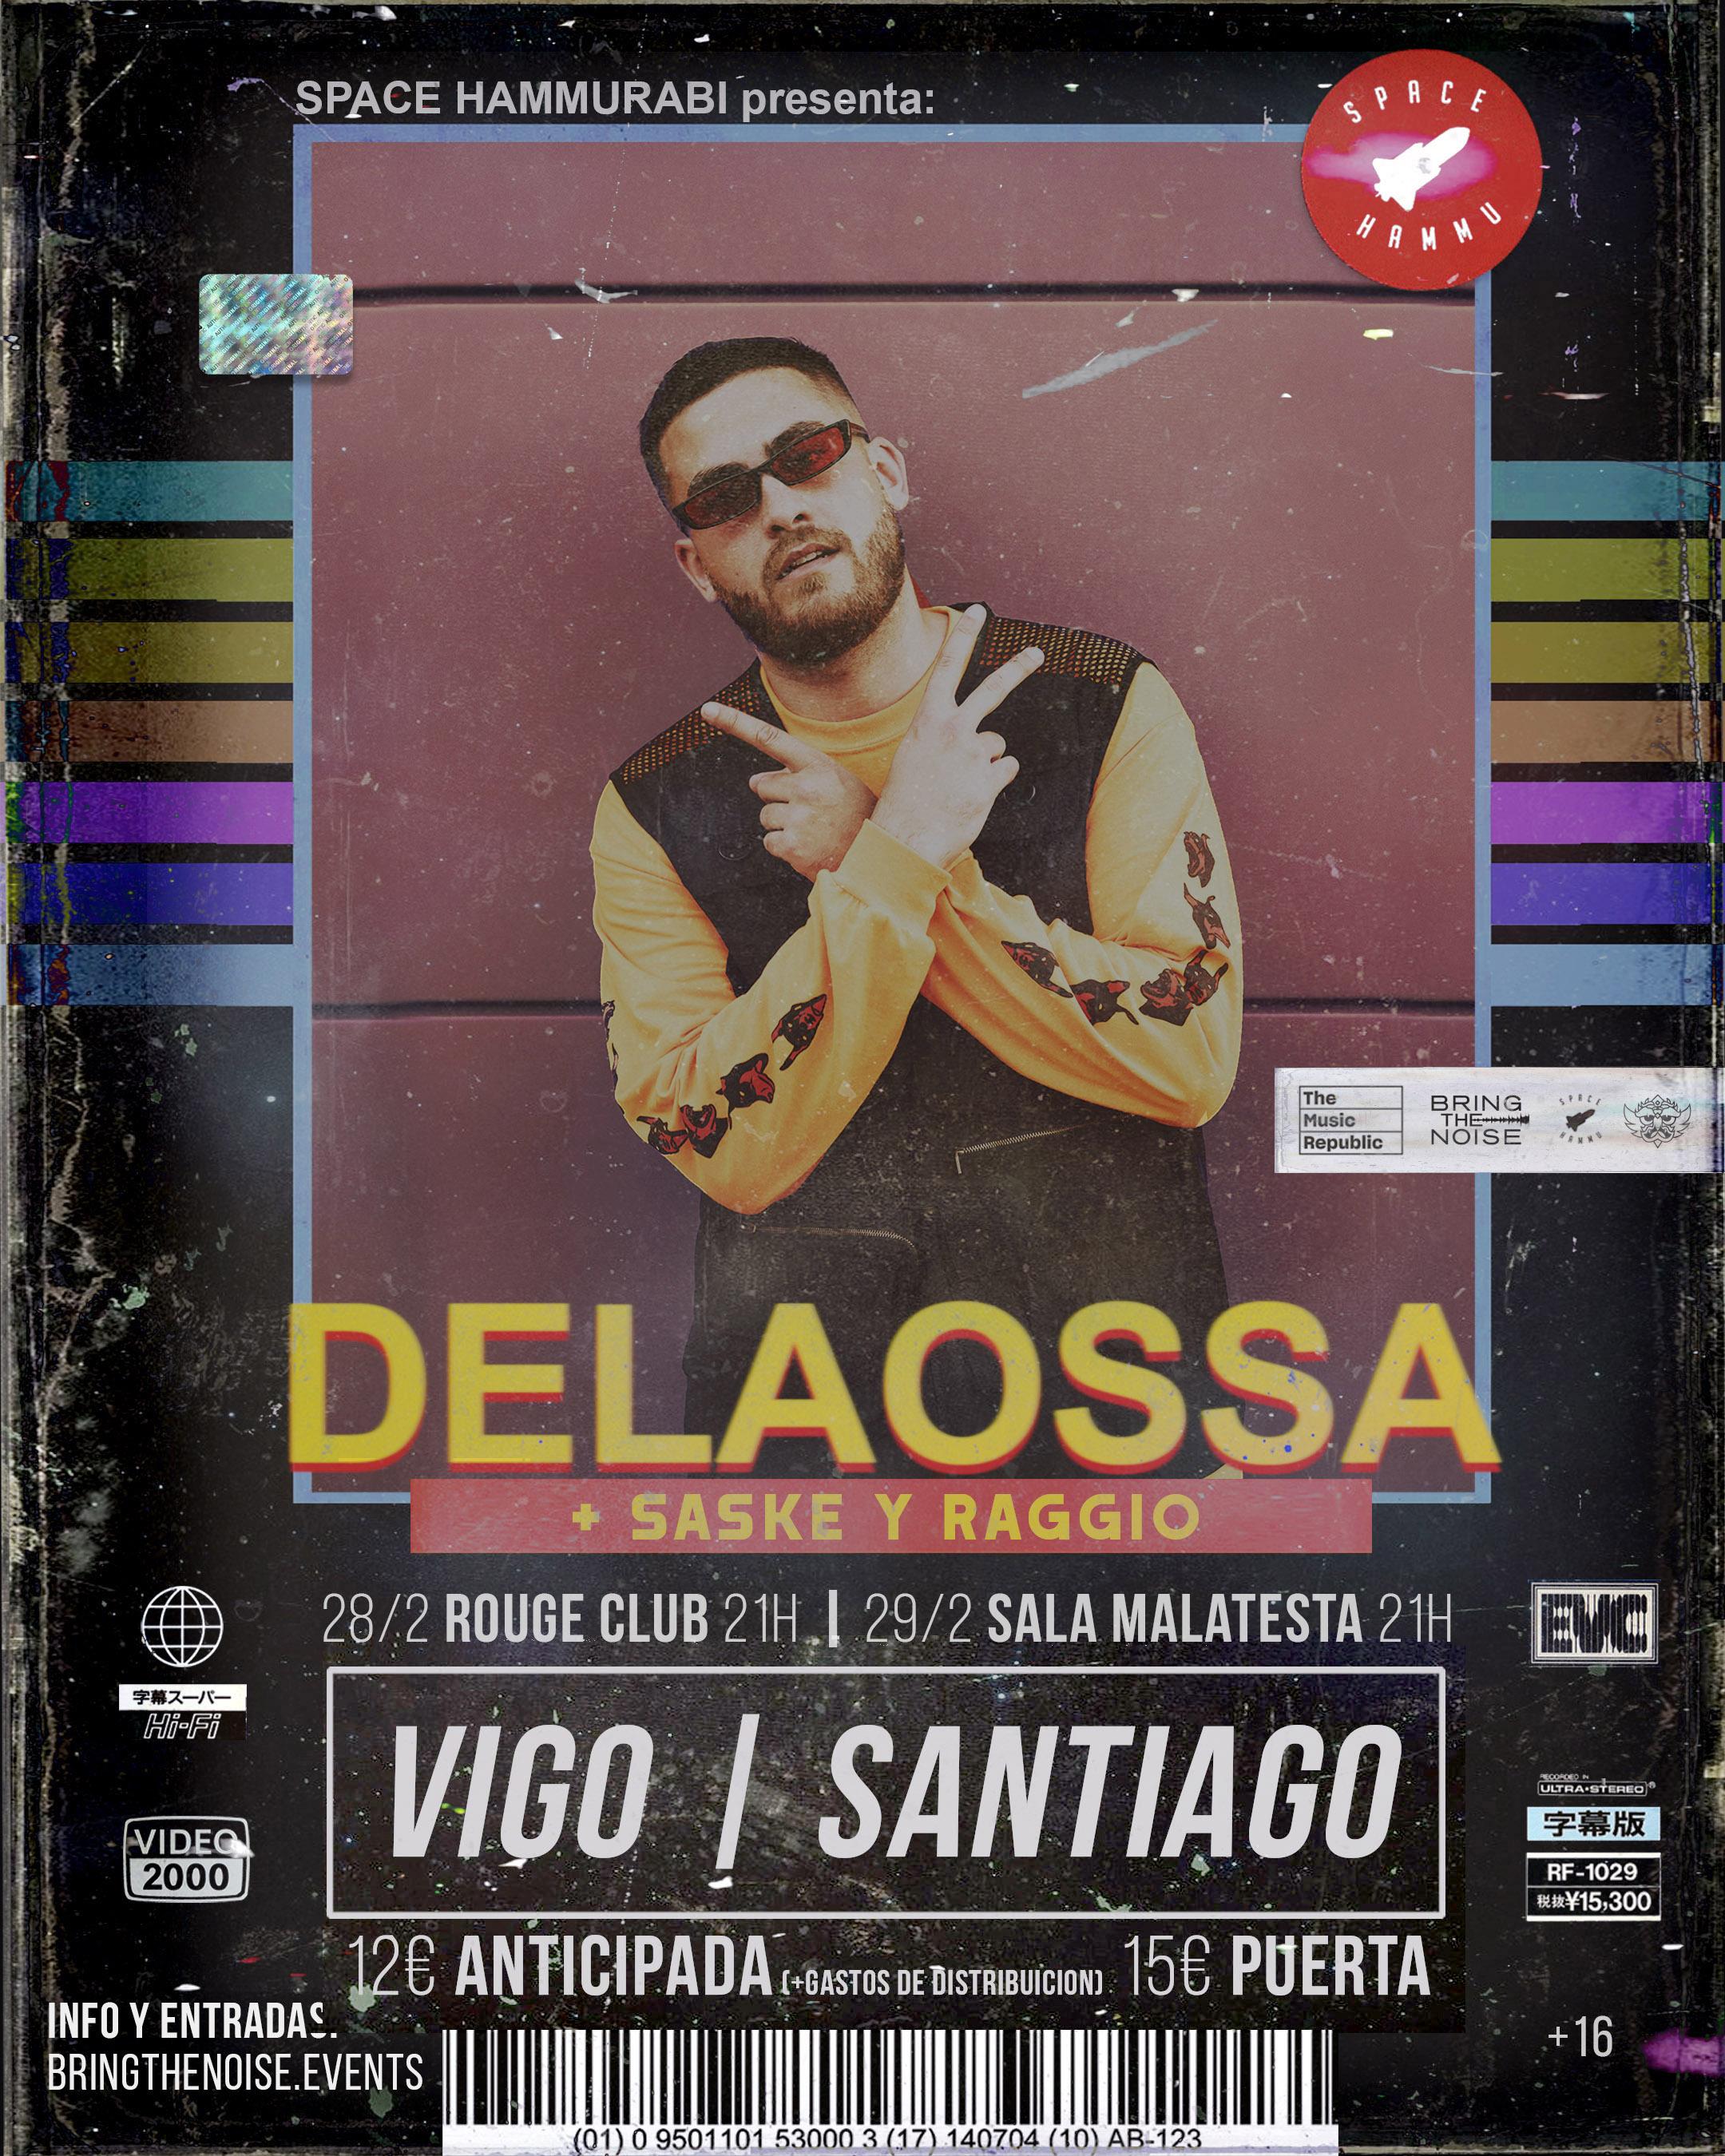 Delaossa en Vigo